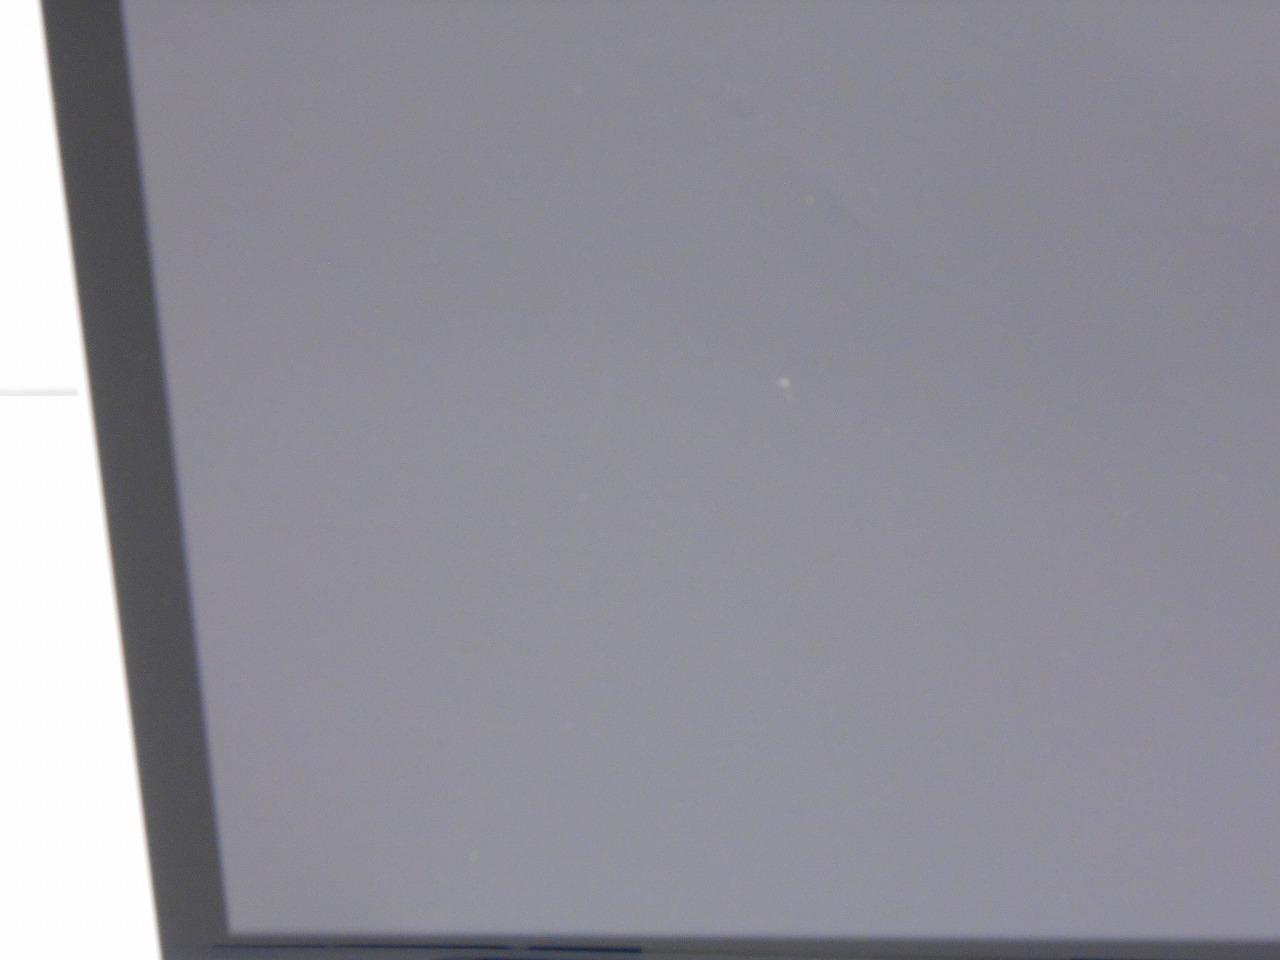 【中古】富士通 FUJITSU LIFEBOOK AH77/M/2013年モデル/Corei7 4702HQ 2.2GHz/メモリ8GB/SATA1000GB/15インチ/Windows10Home【ECOぱそ】【3ヶ月保証】【足立店発送】